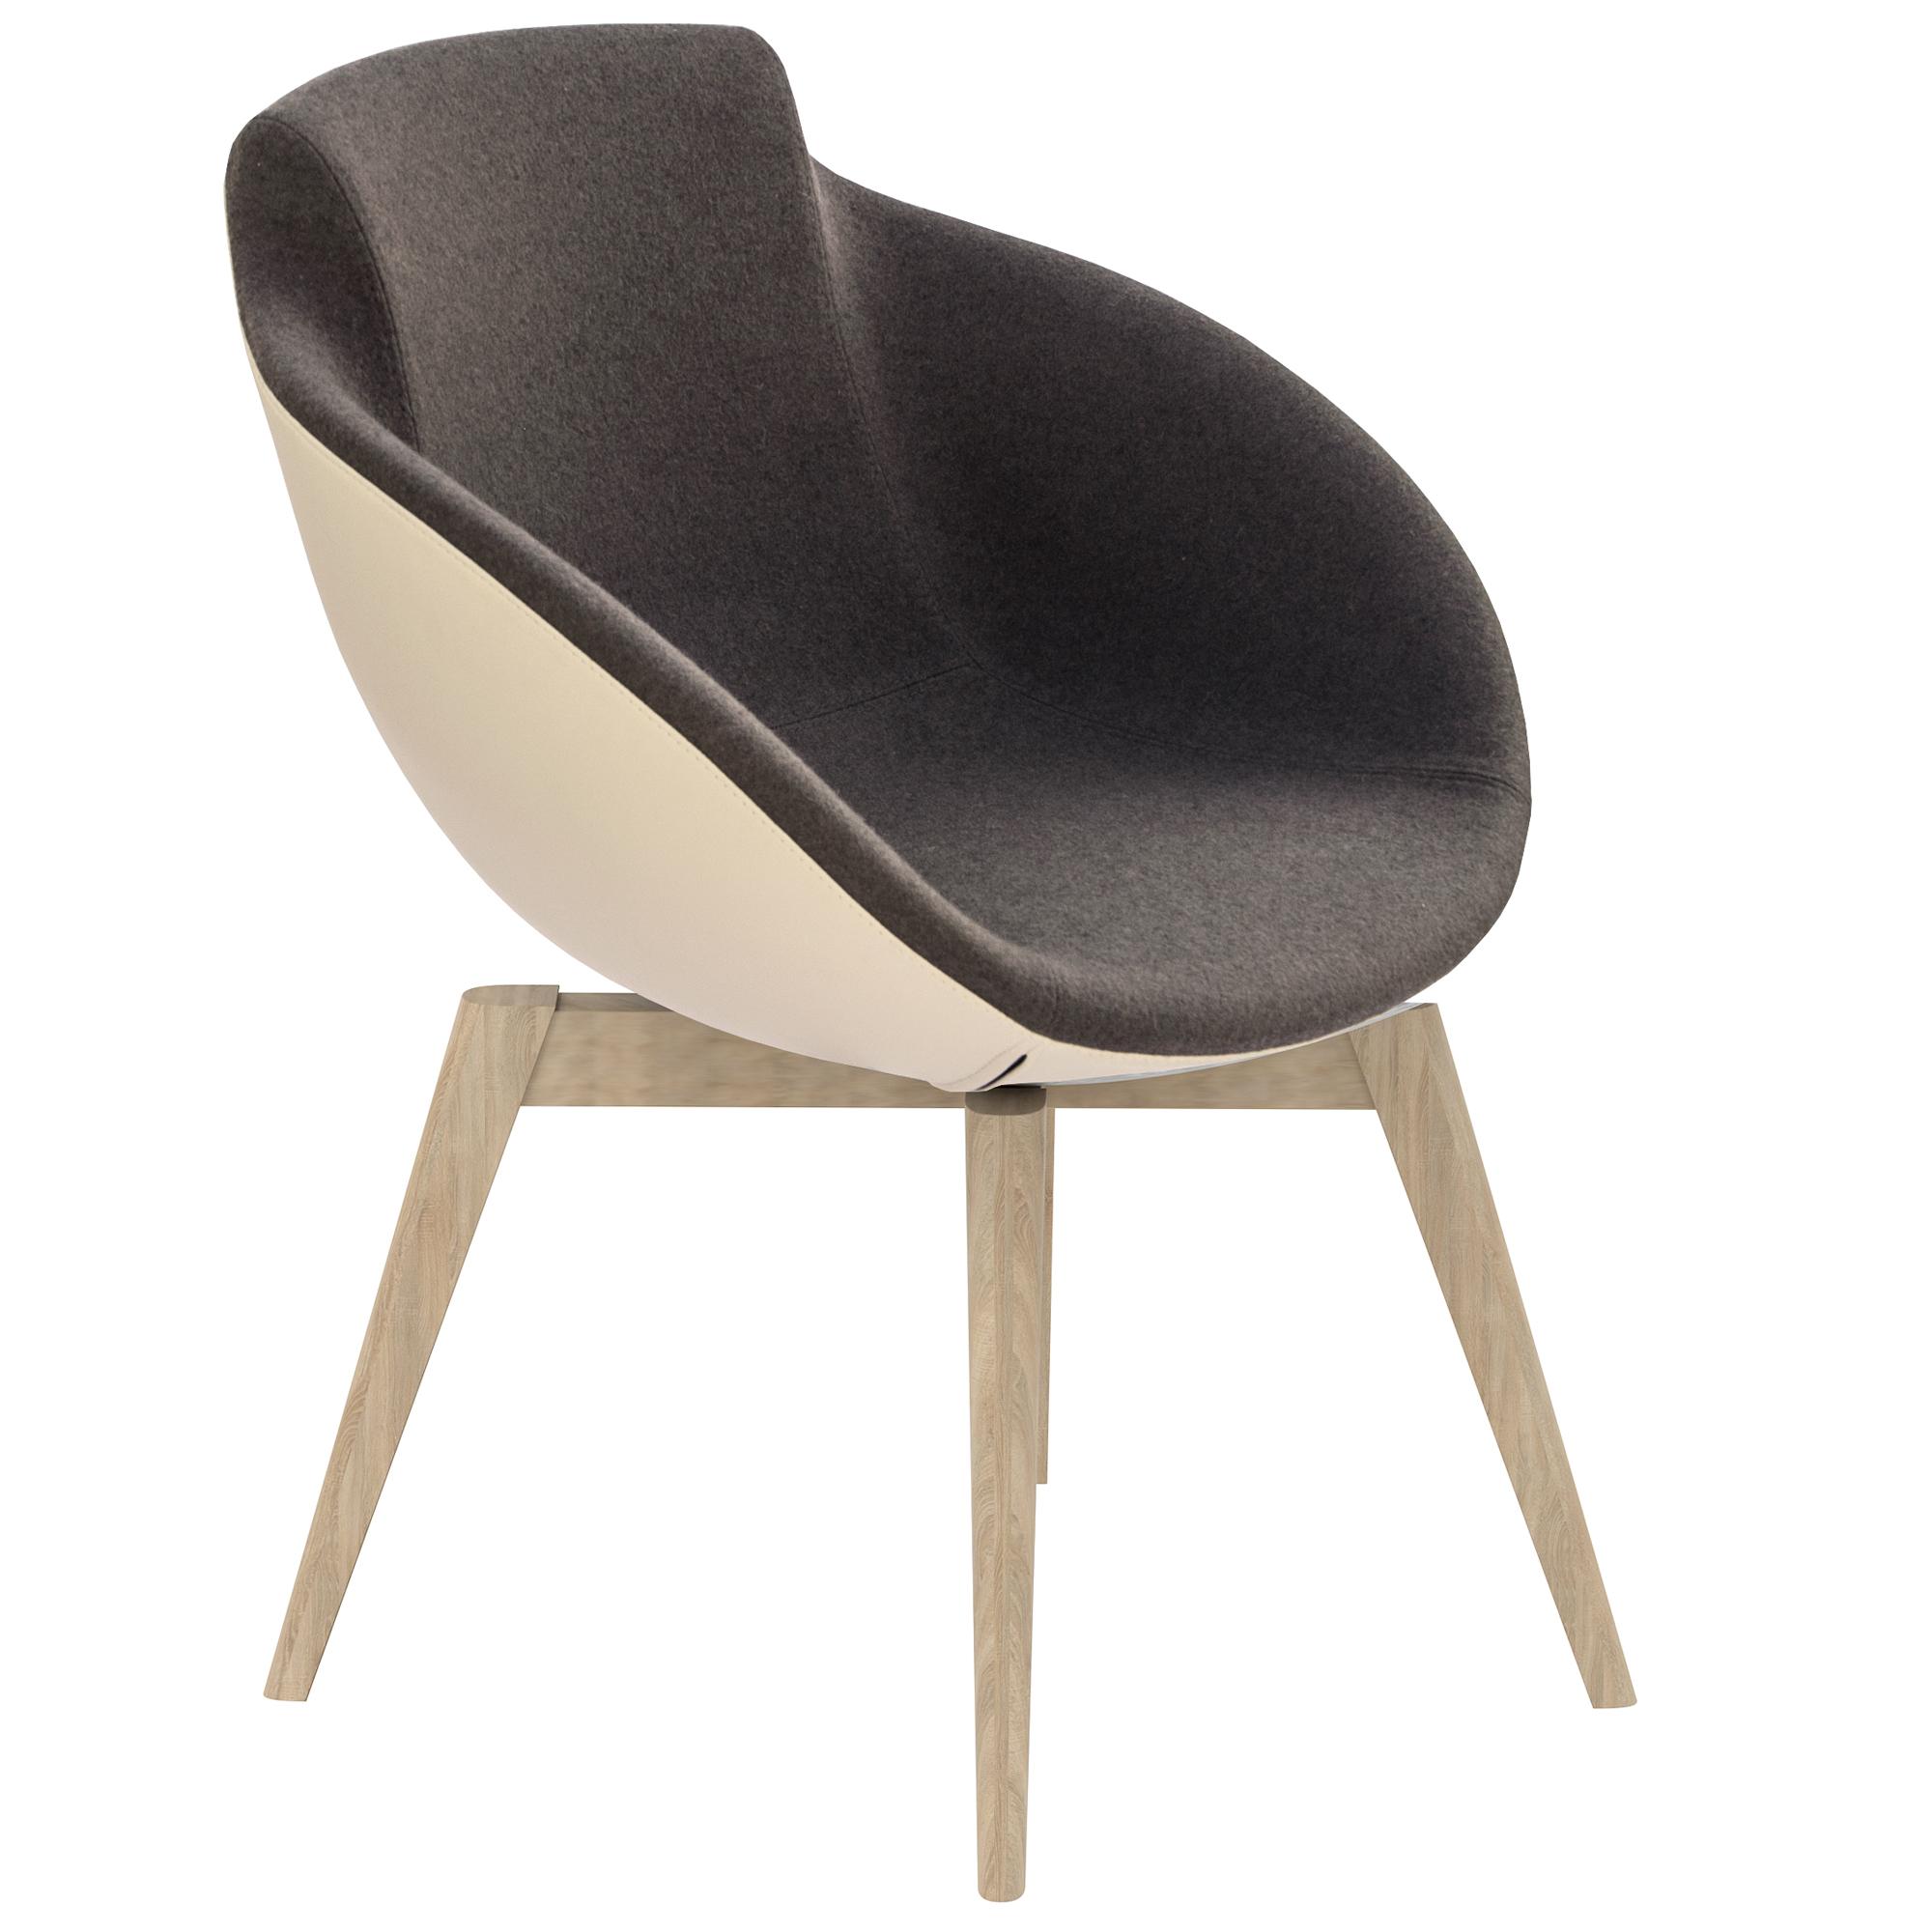 Loungesessel TULA mit Holzgestell in Kunstleder Sessel Stuhl Hocker